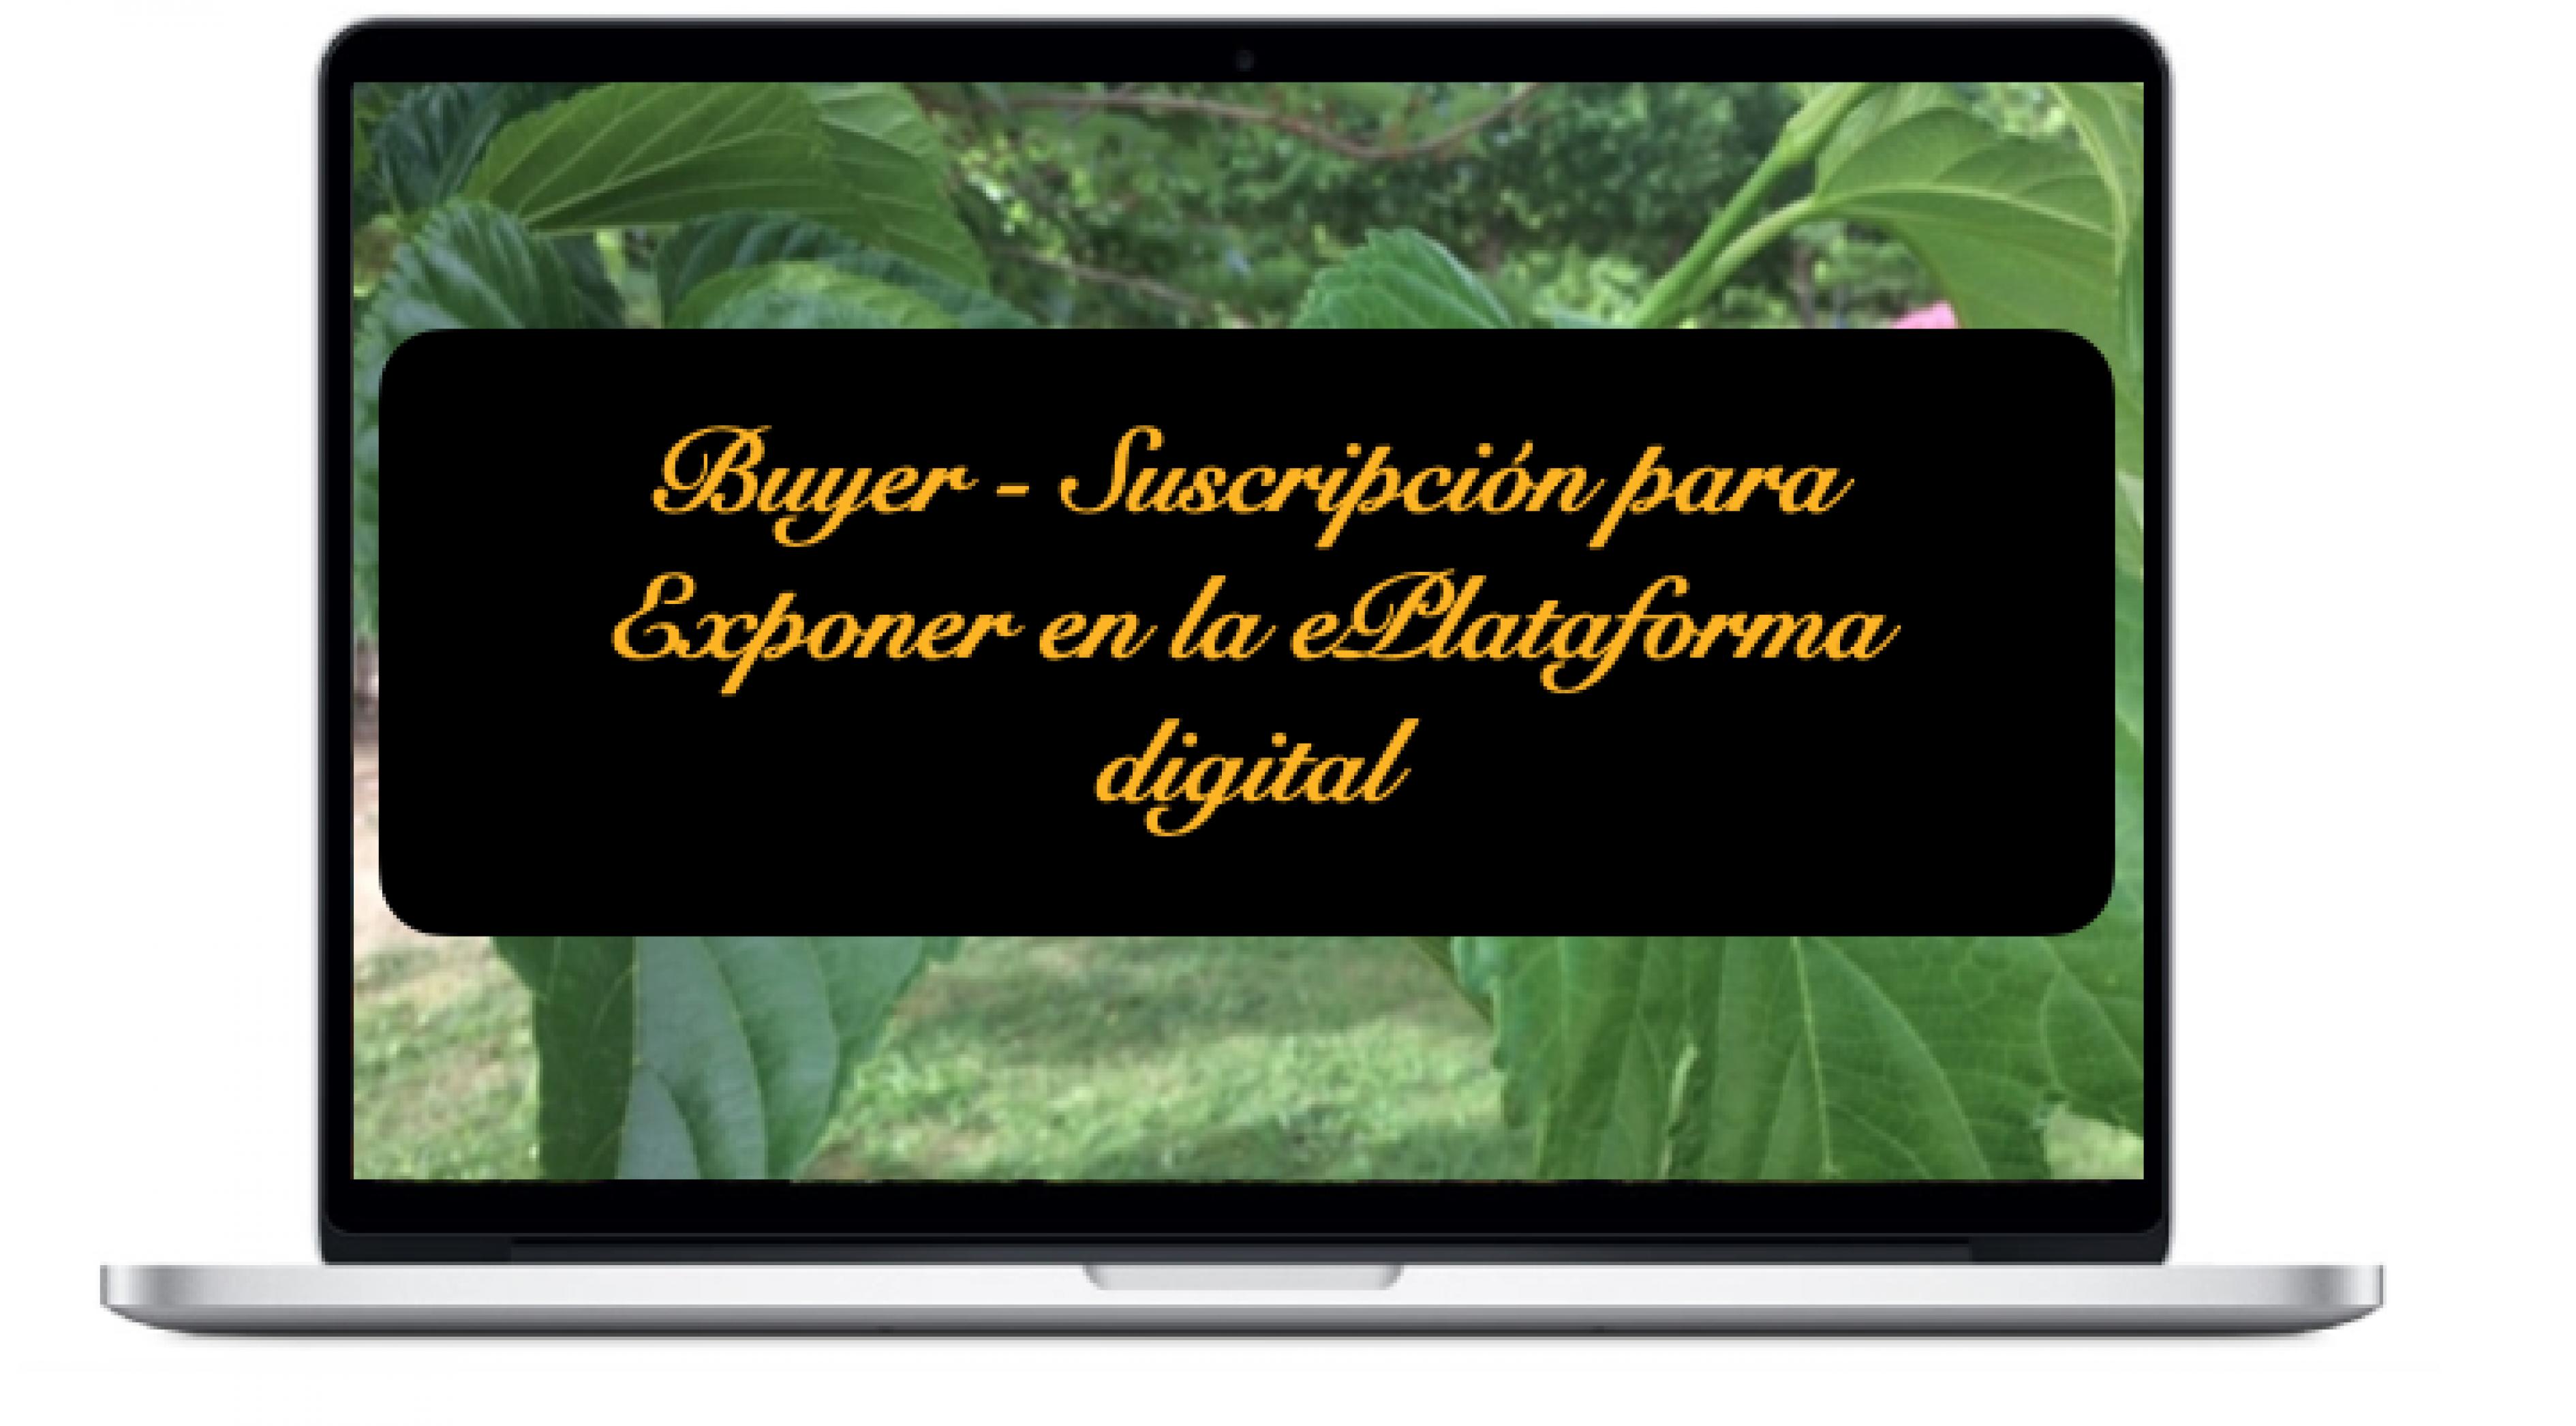 buyer-suscripcion-para-exponer-en-la-eplataforma-digital